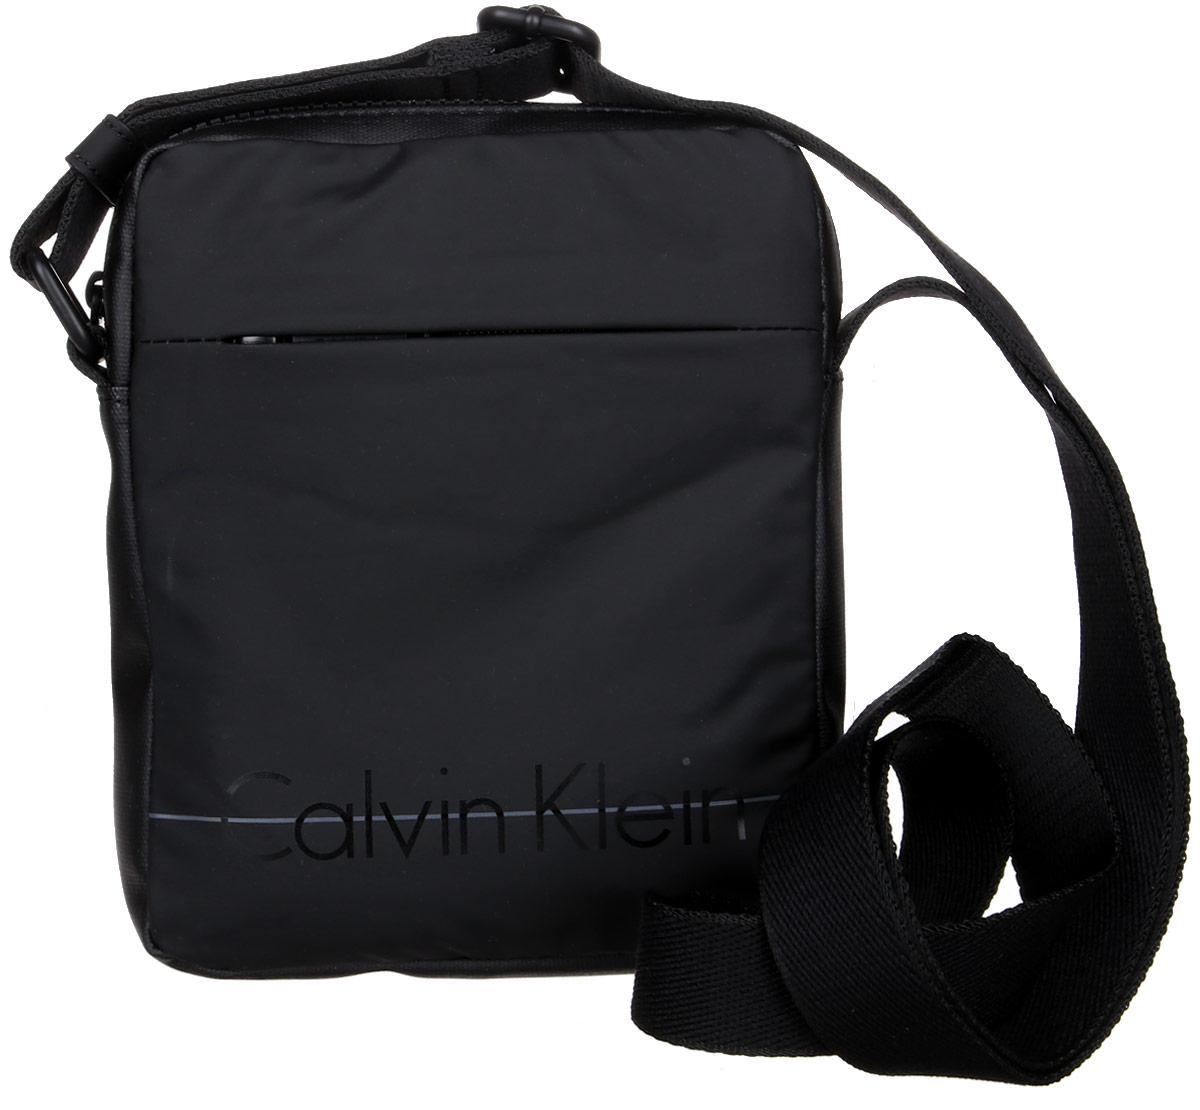 Сумка мужская Calvin Klein Jeans, цвет: черный. K50K502055_0013-47670-00504Стильная сумка Calvin Klein Jeans выполнена из поливинилхлорида с добавлением хлопка и полиэстера, оформлена надписью с названием бренда. Изделие содержит одно отделение, которое закрывается на застежку-молнию. Спереди расположен один открытый накладной карман. Сумка оснащена плечевым ремнем регулируемой длины. В комплекте с изделием поставляется чехол для хранения.